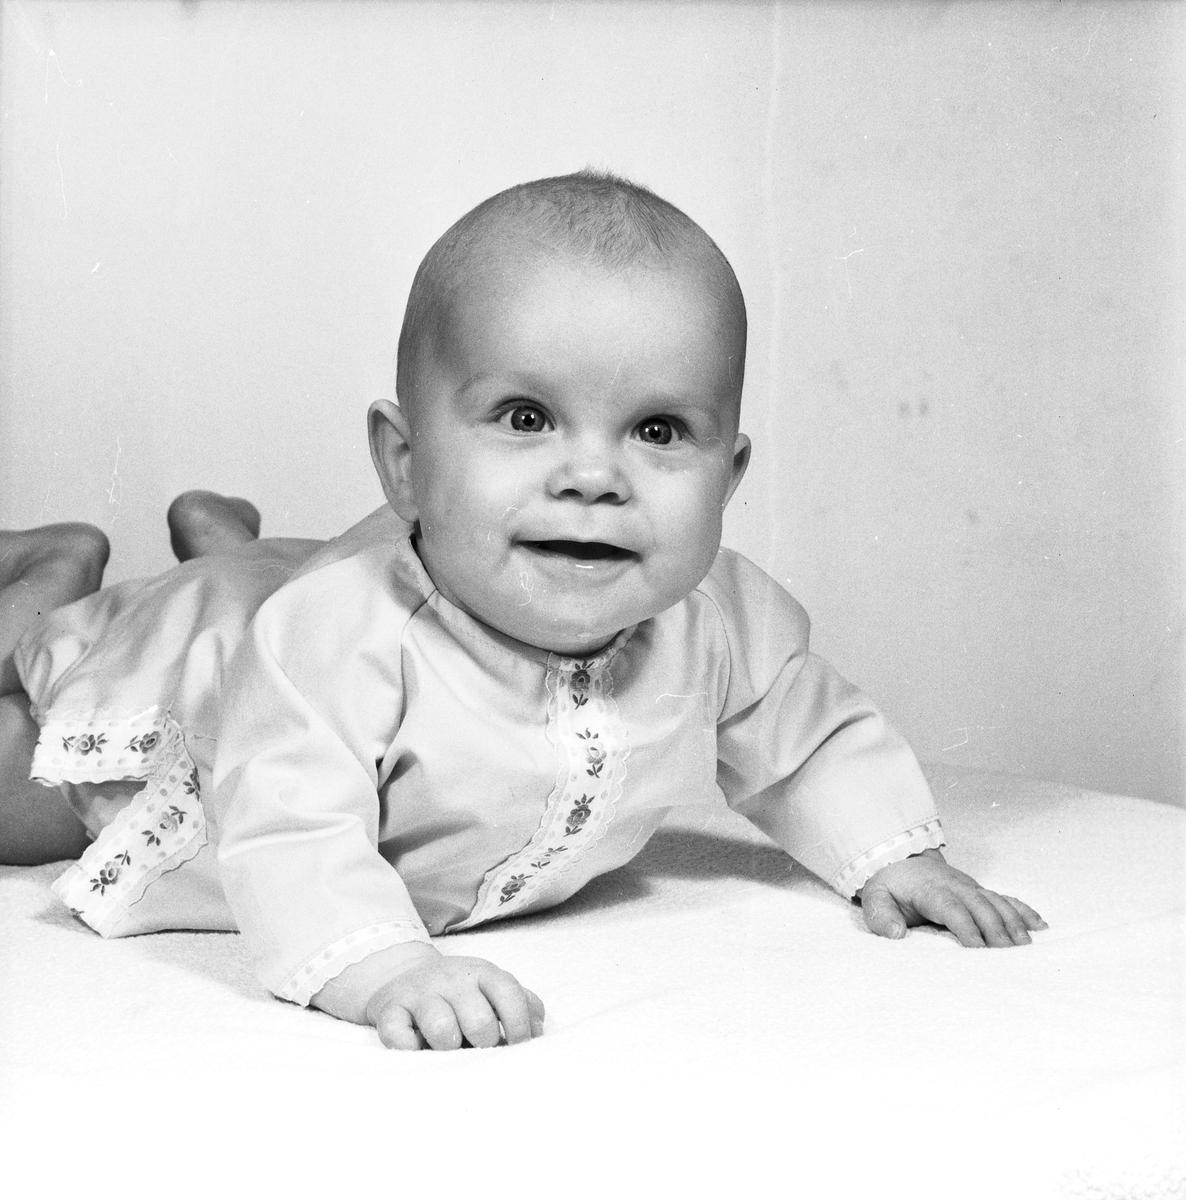 Märta Boström, Gävle. Den 10 april 1967